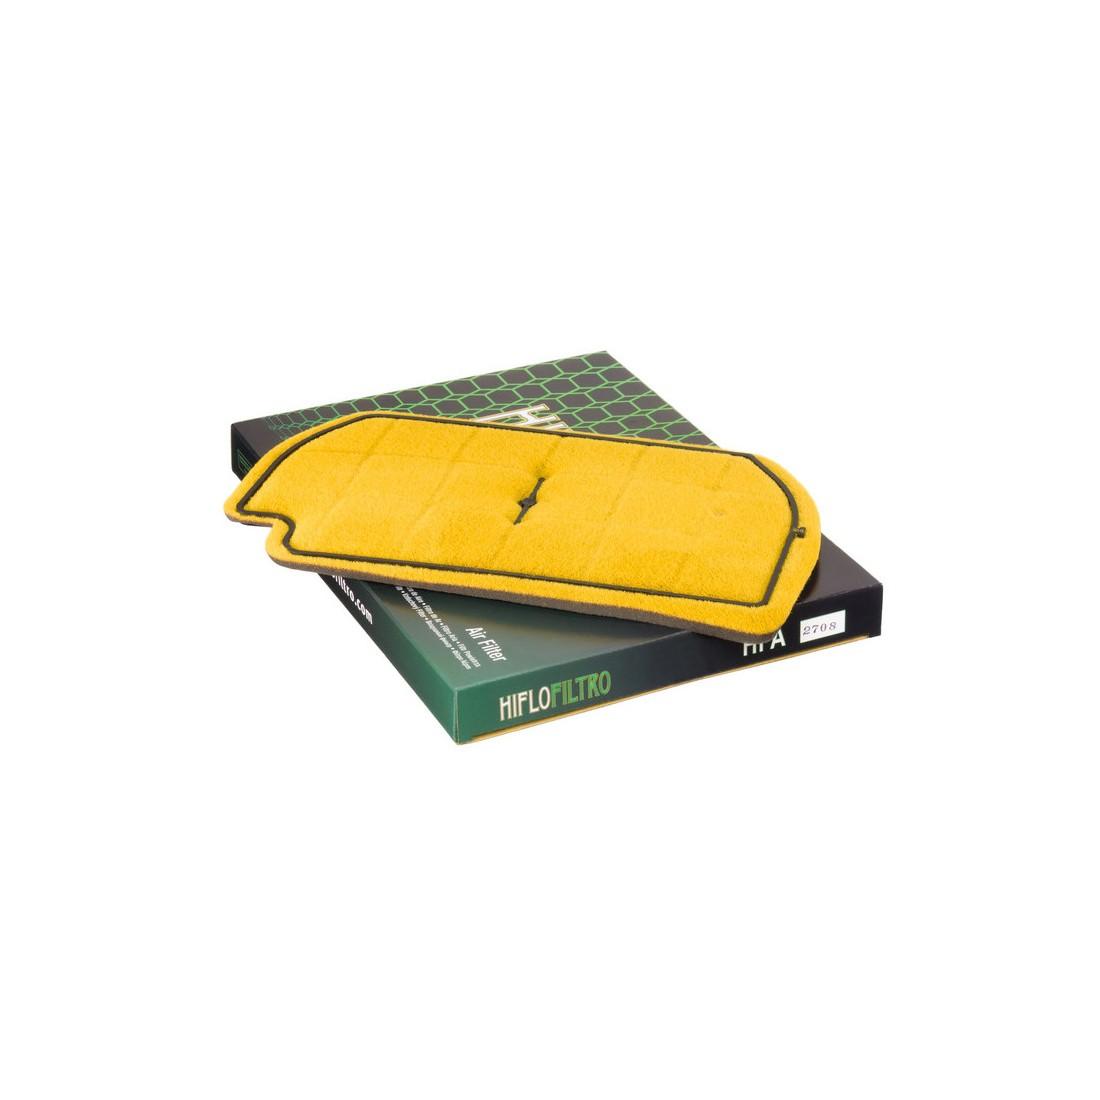 Filtro Aire Hiflofiltro HFA2708